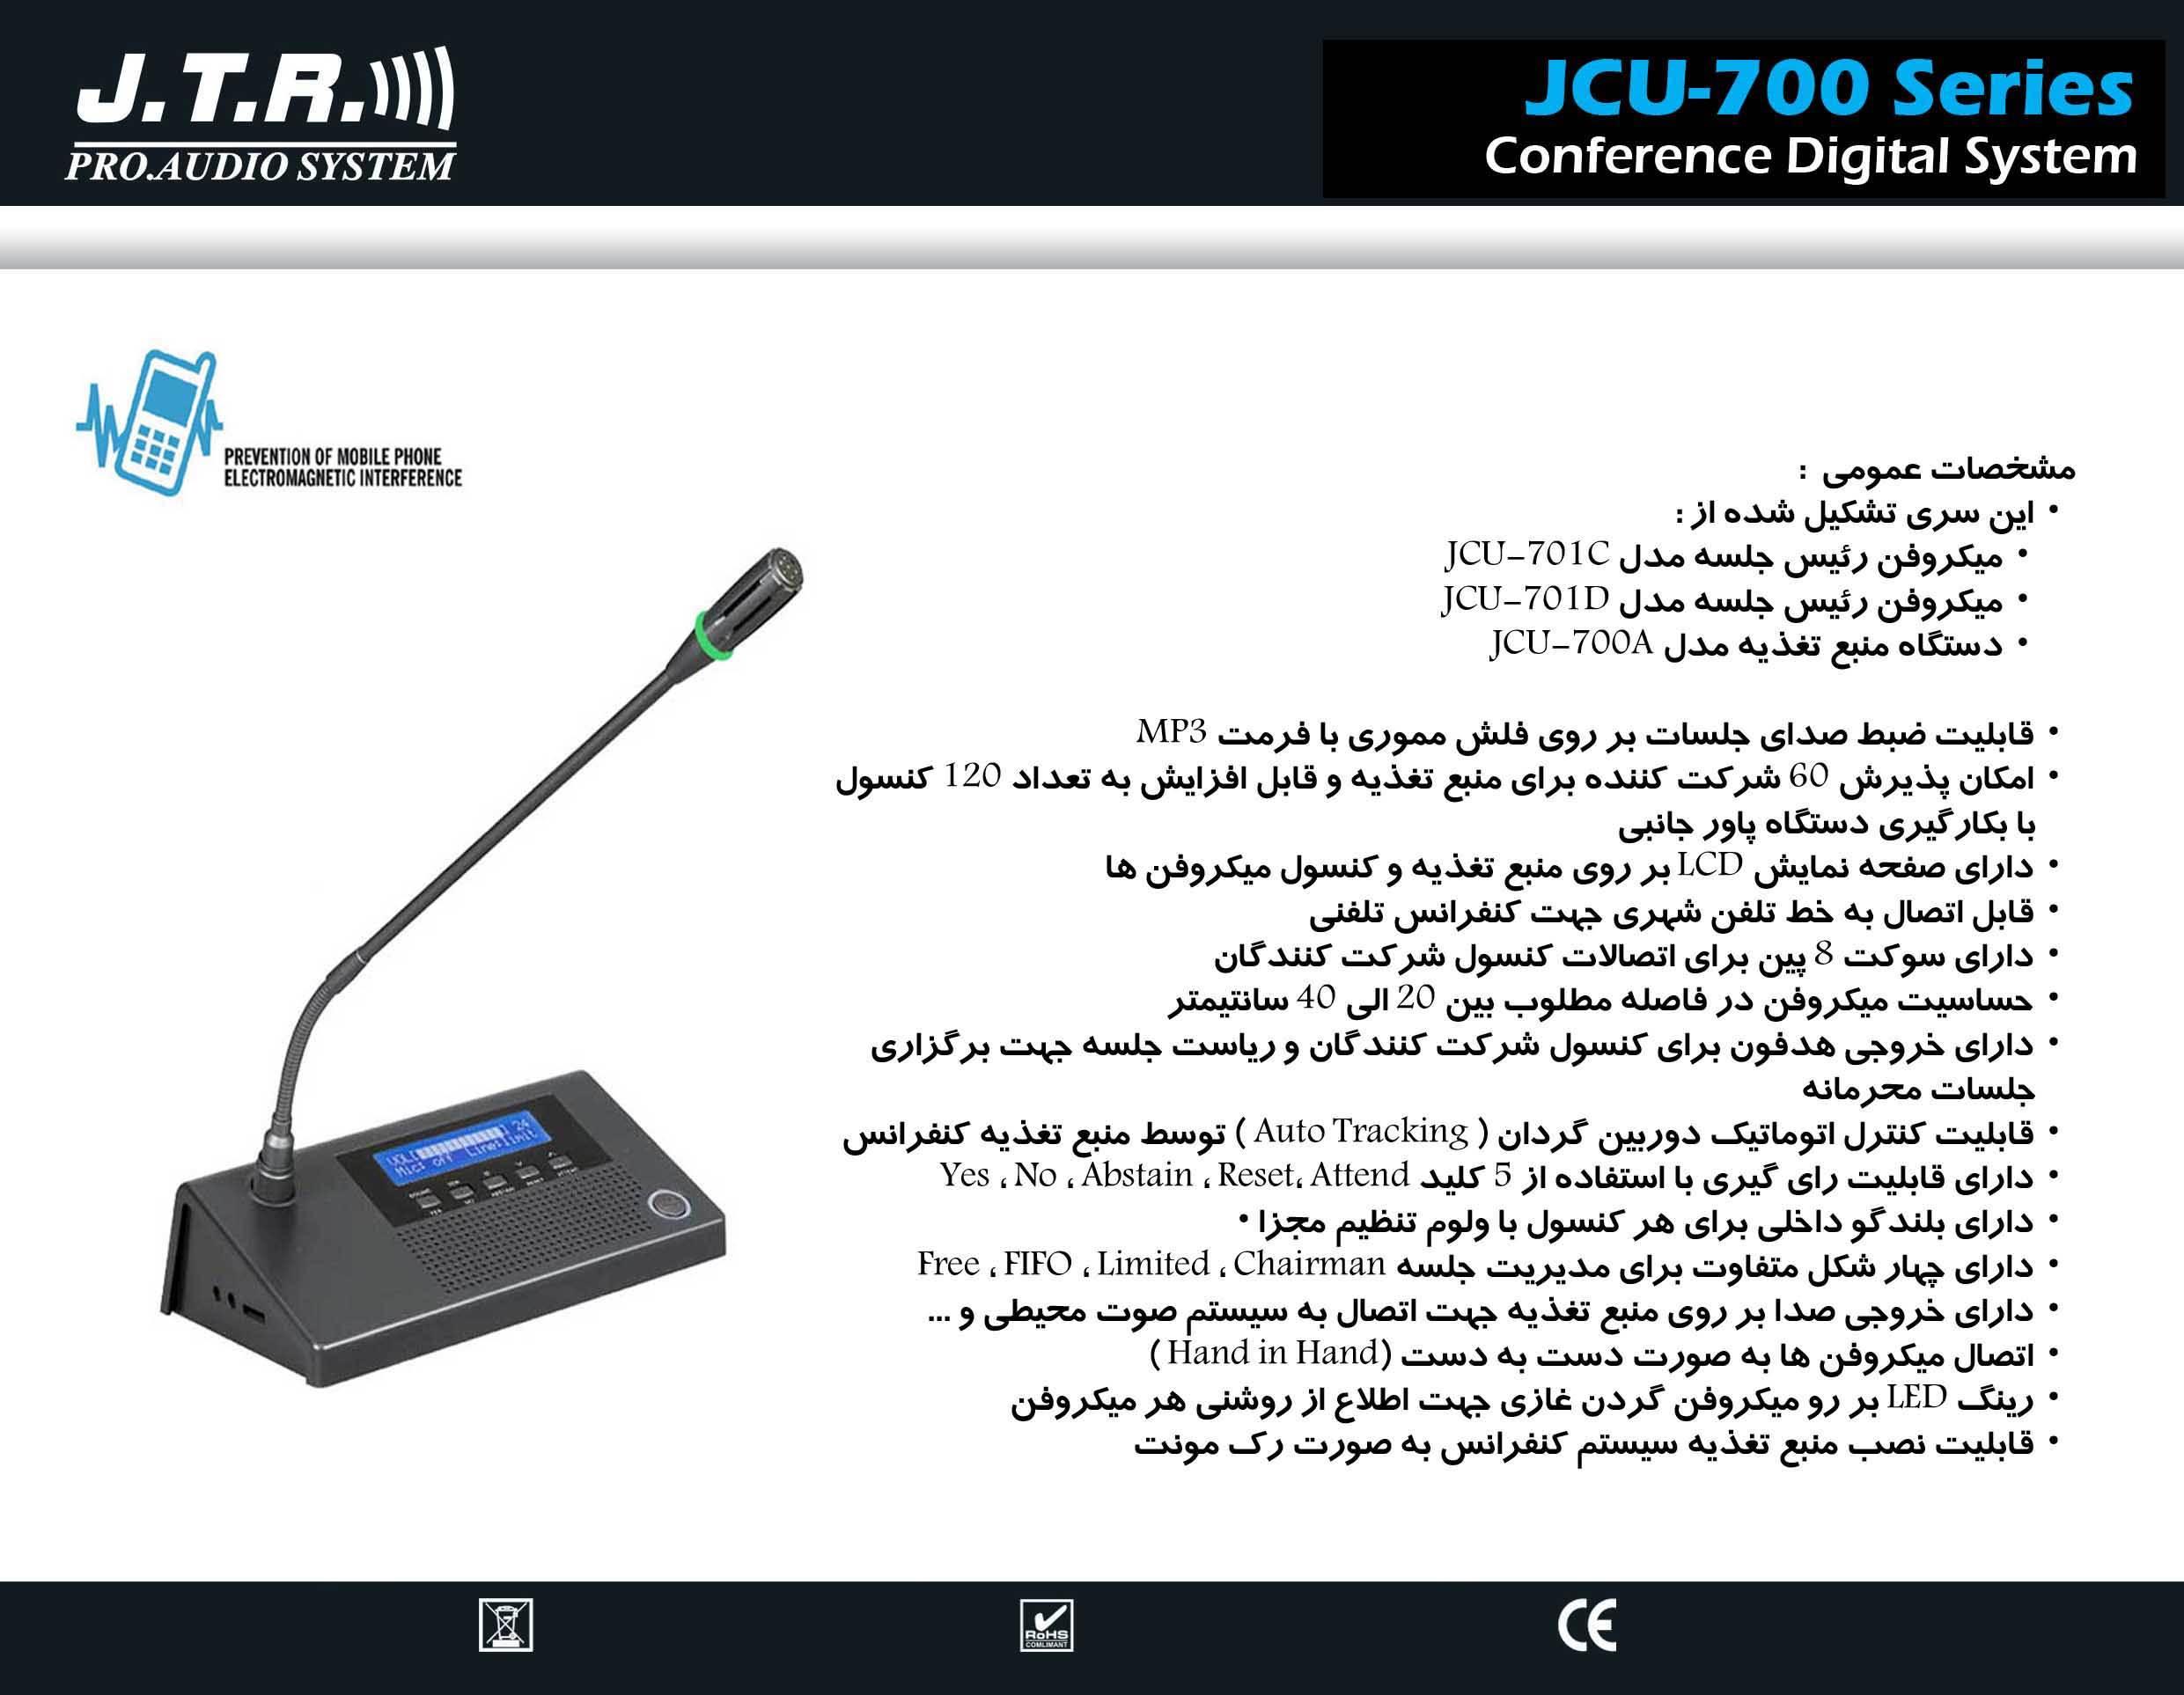 سیستم کنفرانس دیجیتال ساخت کمپانی JTR ( جی تی آر ) سری JCU-700